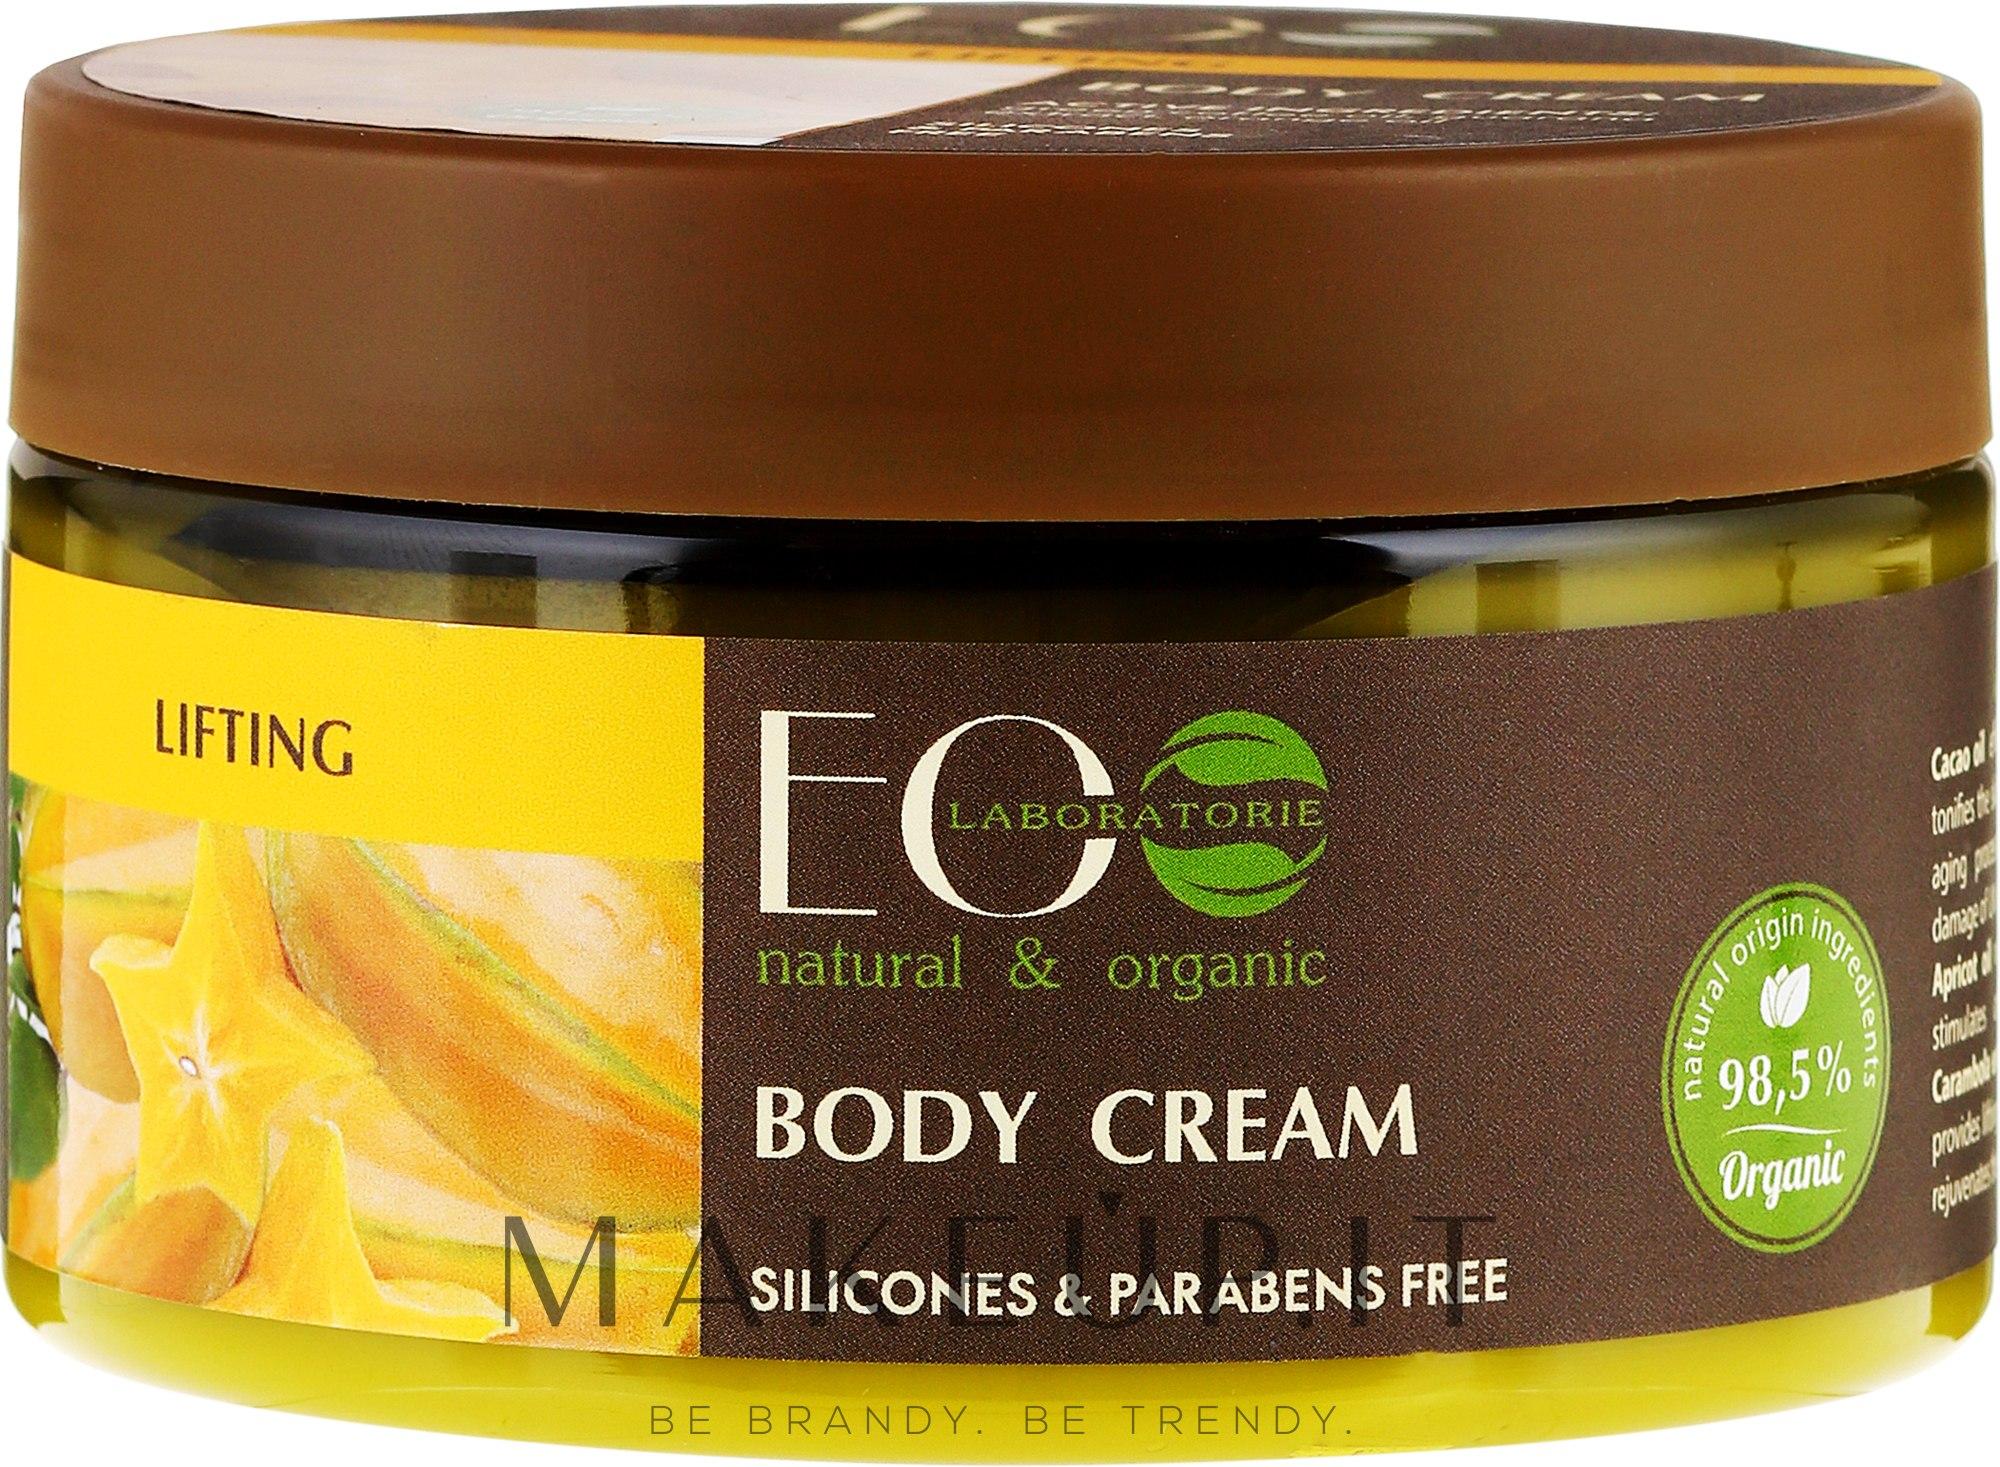 """Crema corpo """"Lifting"""" - Eco Laboratorie Lifting Body Cream — foto 250 ml"""